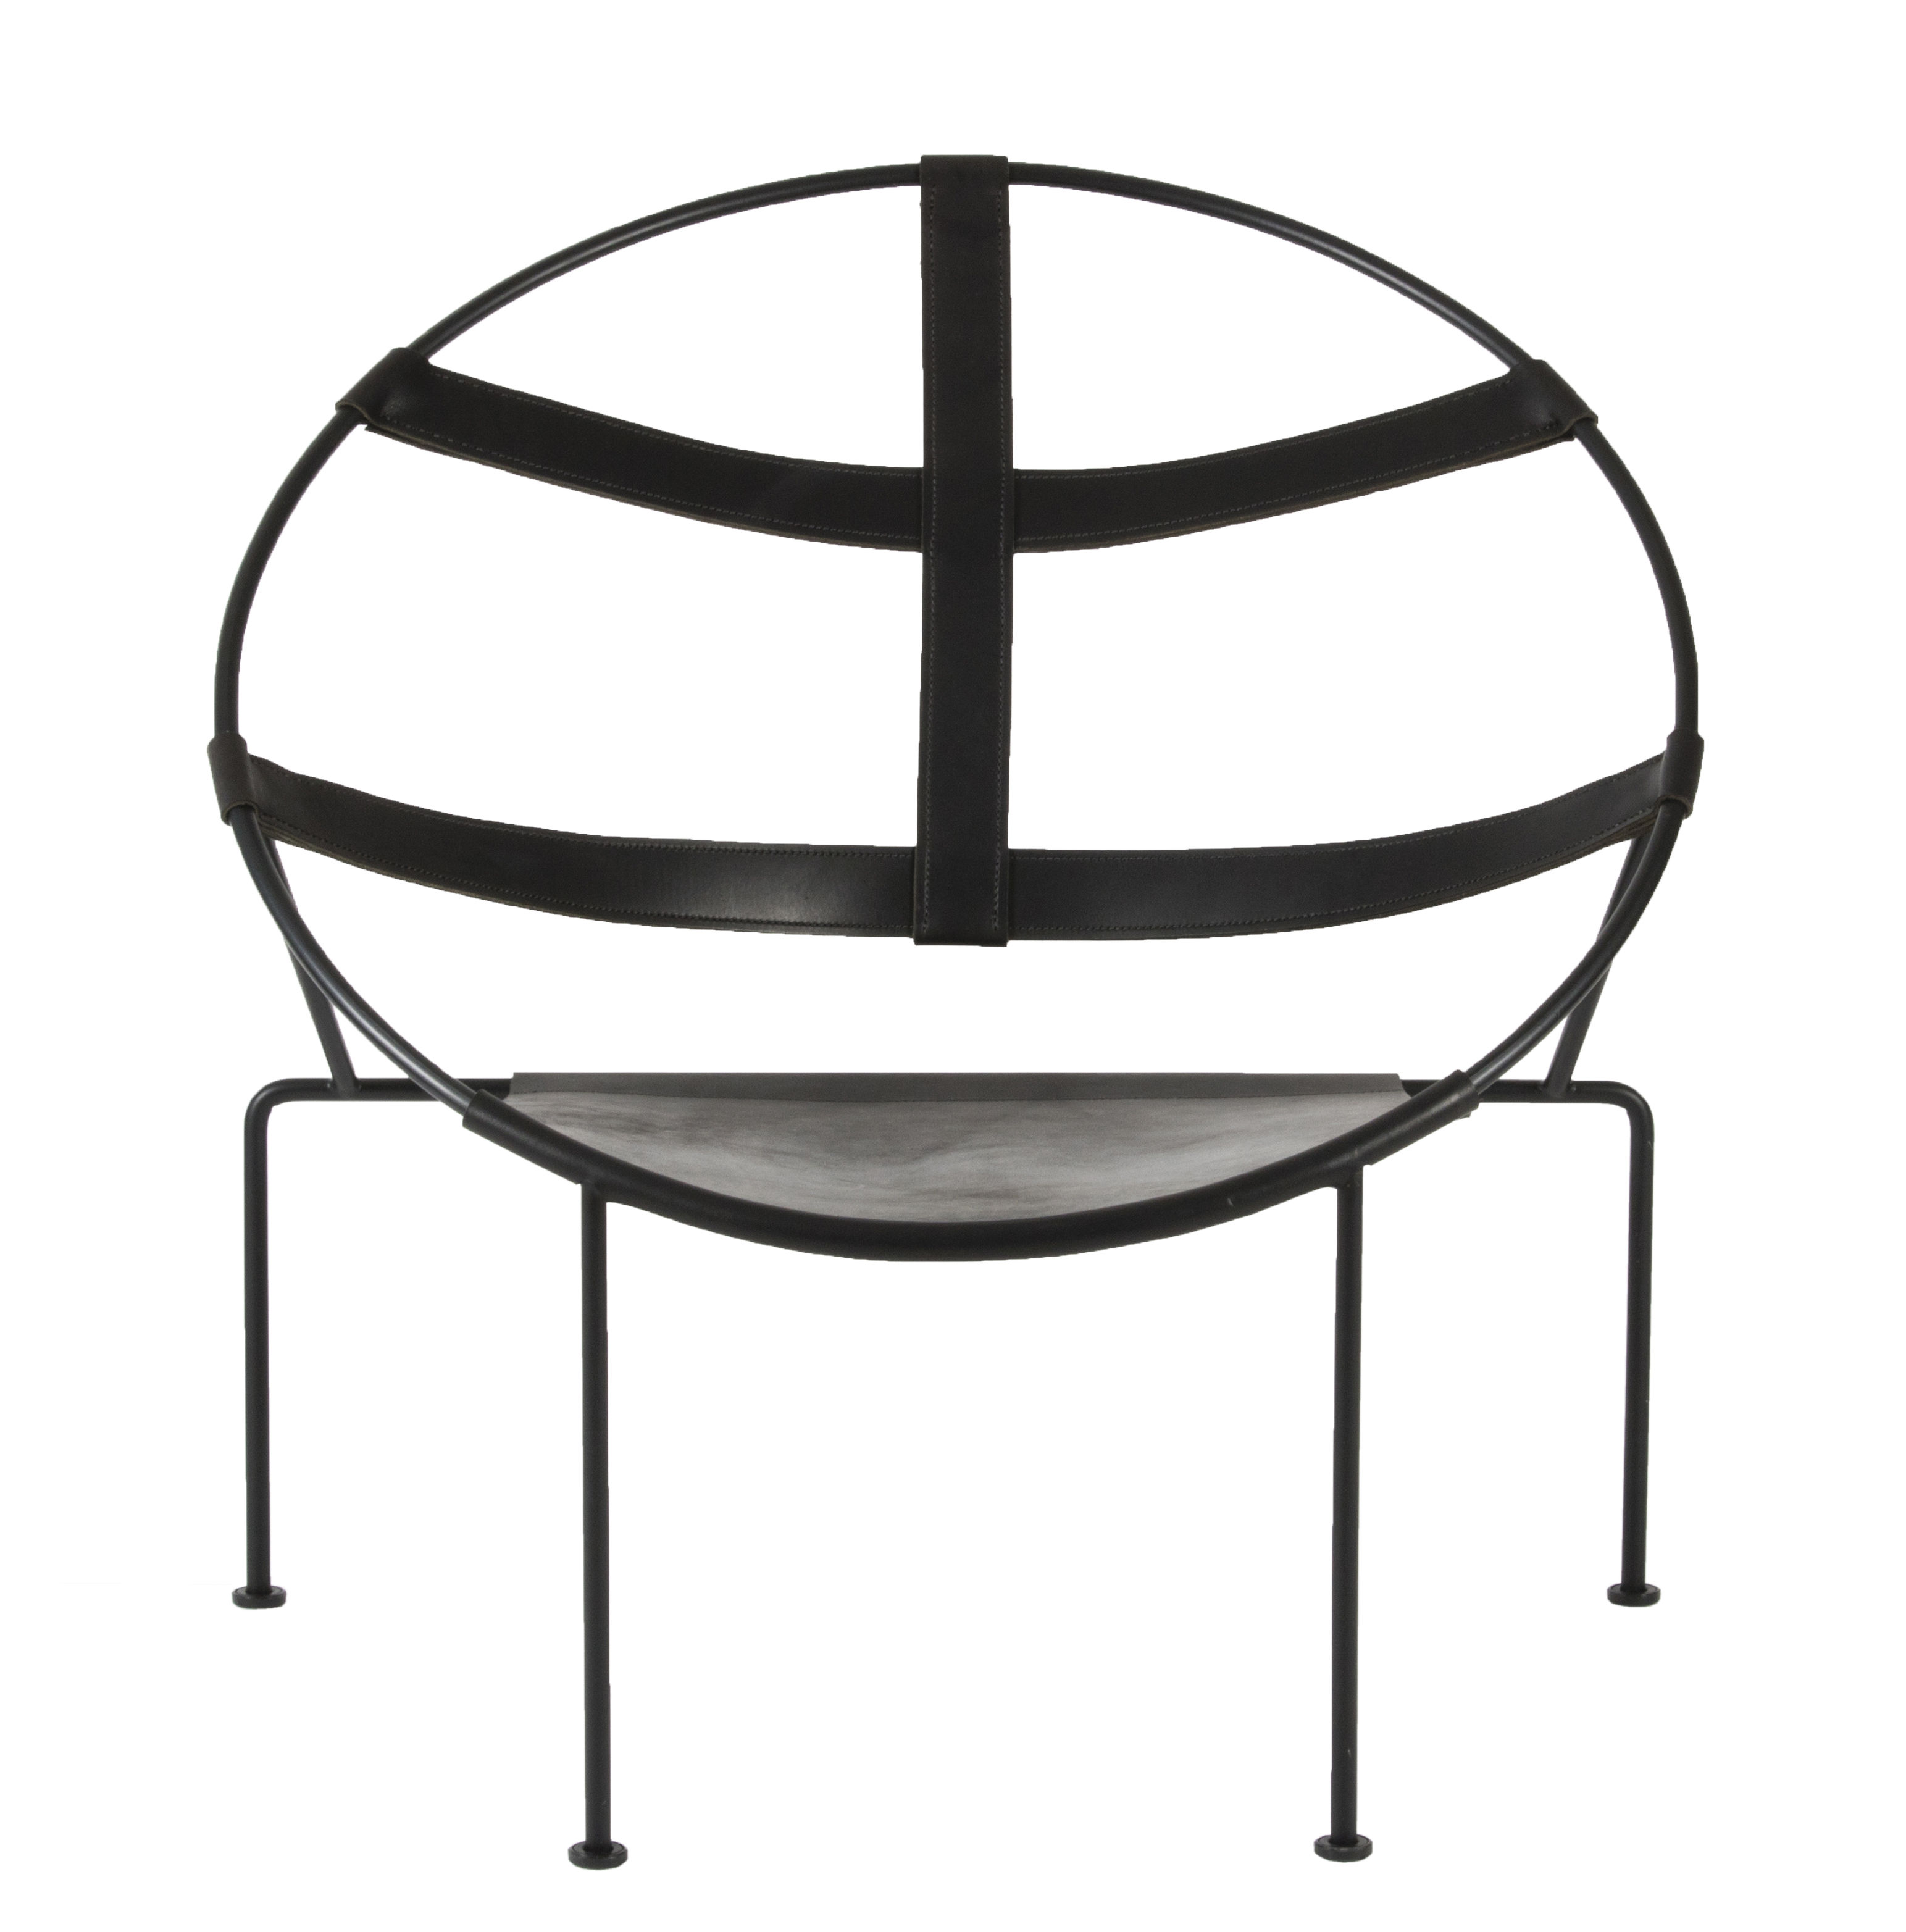 Mobilier - Fauteuils - Fauteuil FDC1 / Cuir & acier - Réédition 50' - Objekto - Noir - Acier époxy recyclé, Cuir pleine fleur